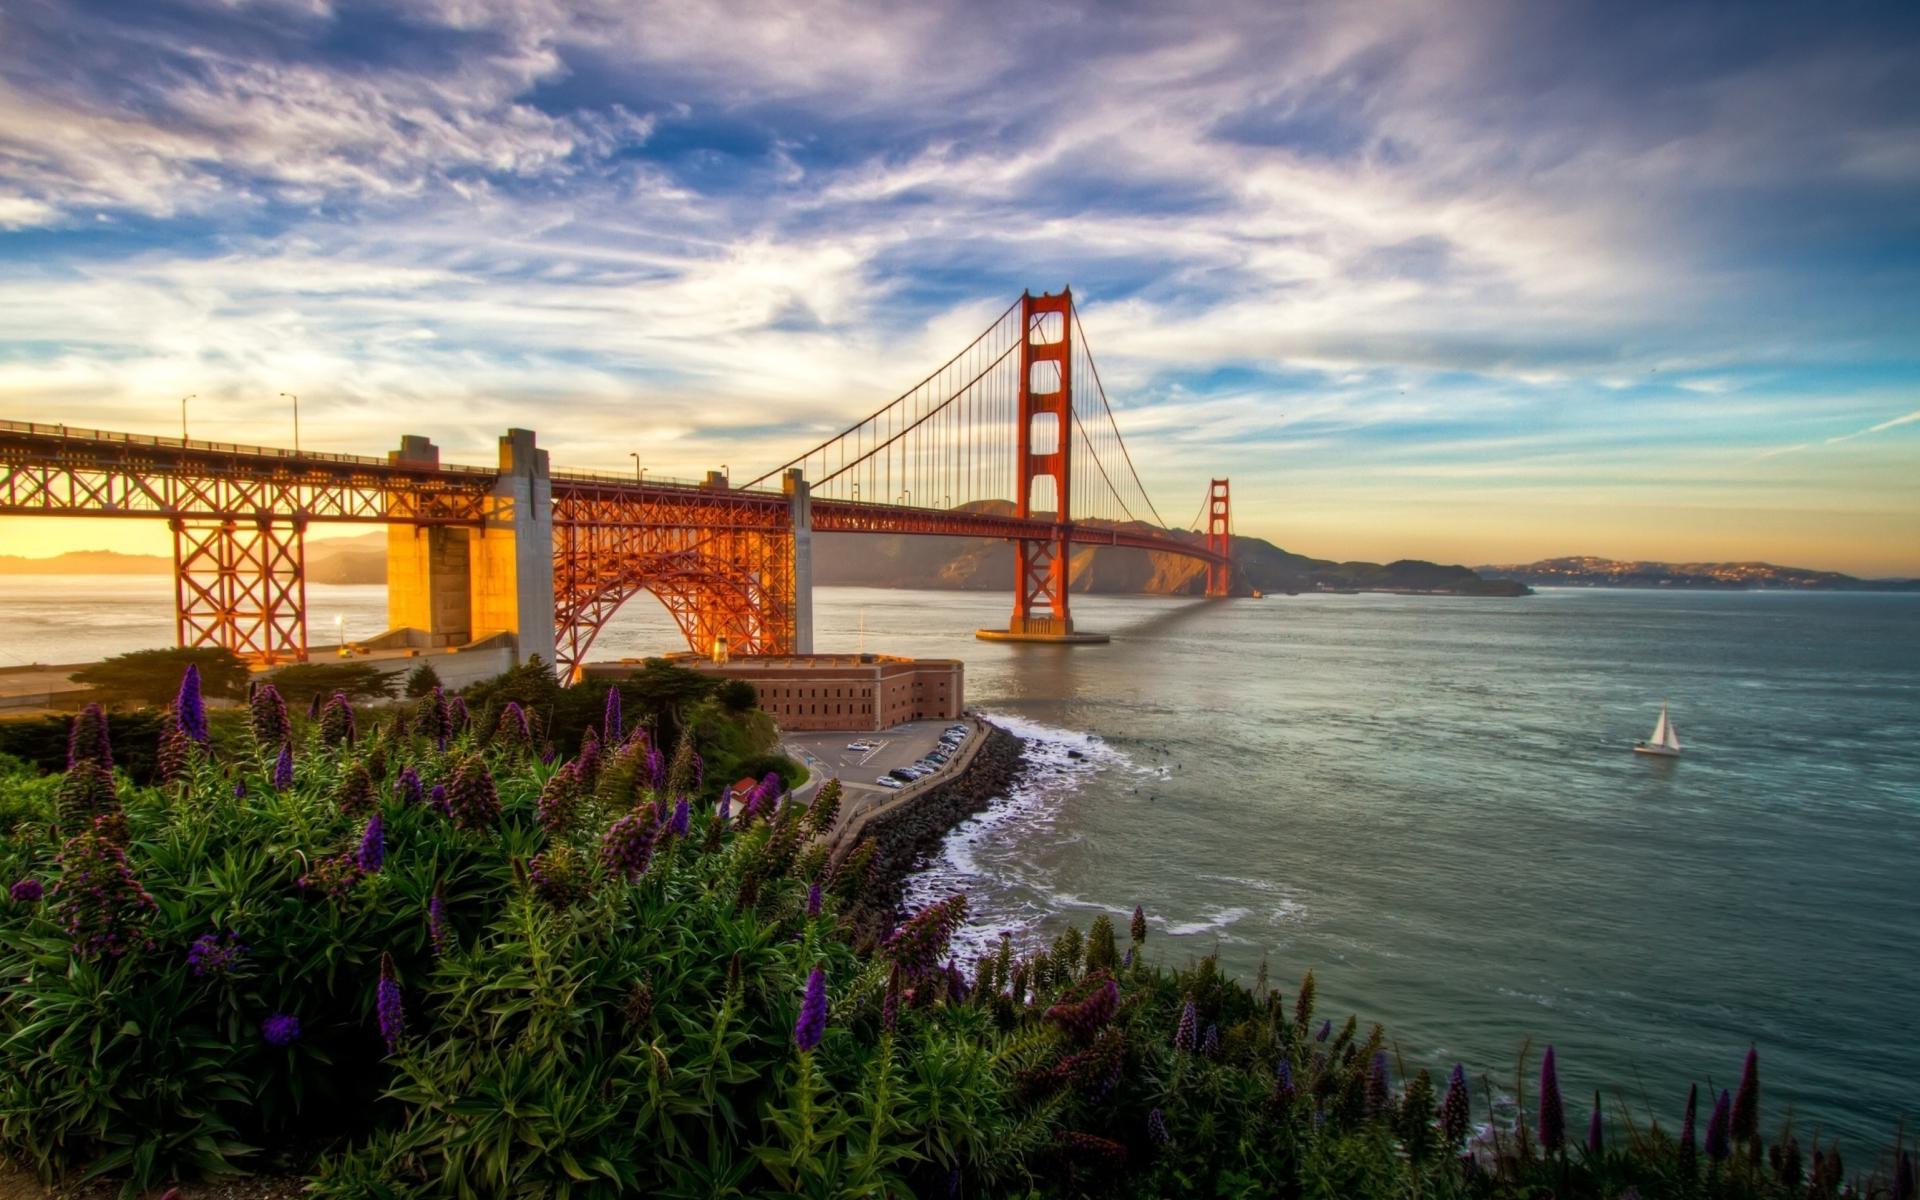 Golden Gate Bridge para Widescreen Desktop PC 1920x1080 Full HD